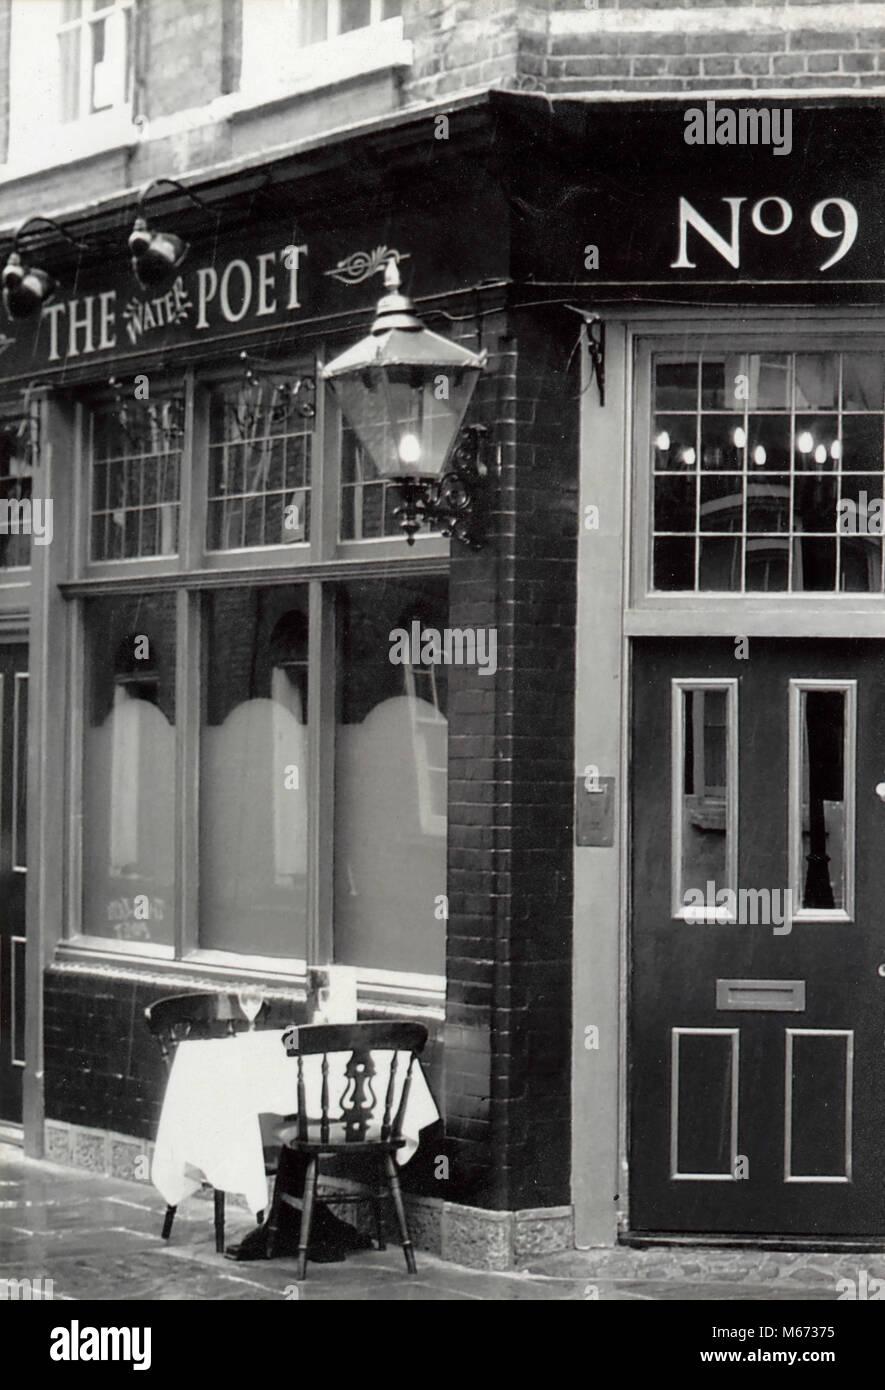 Le poète de l'eau pub, Spitalfields, Londres, UK Photo Stock